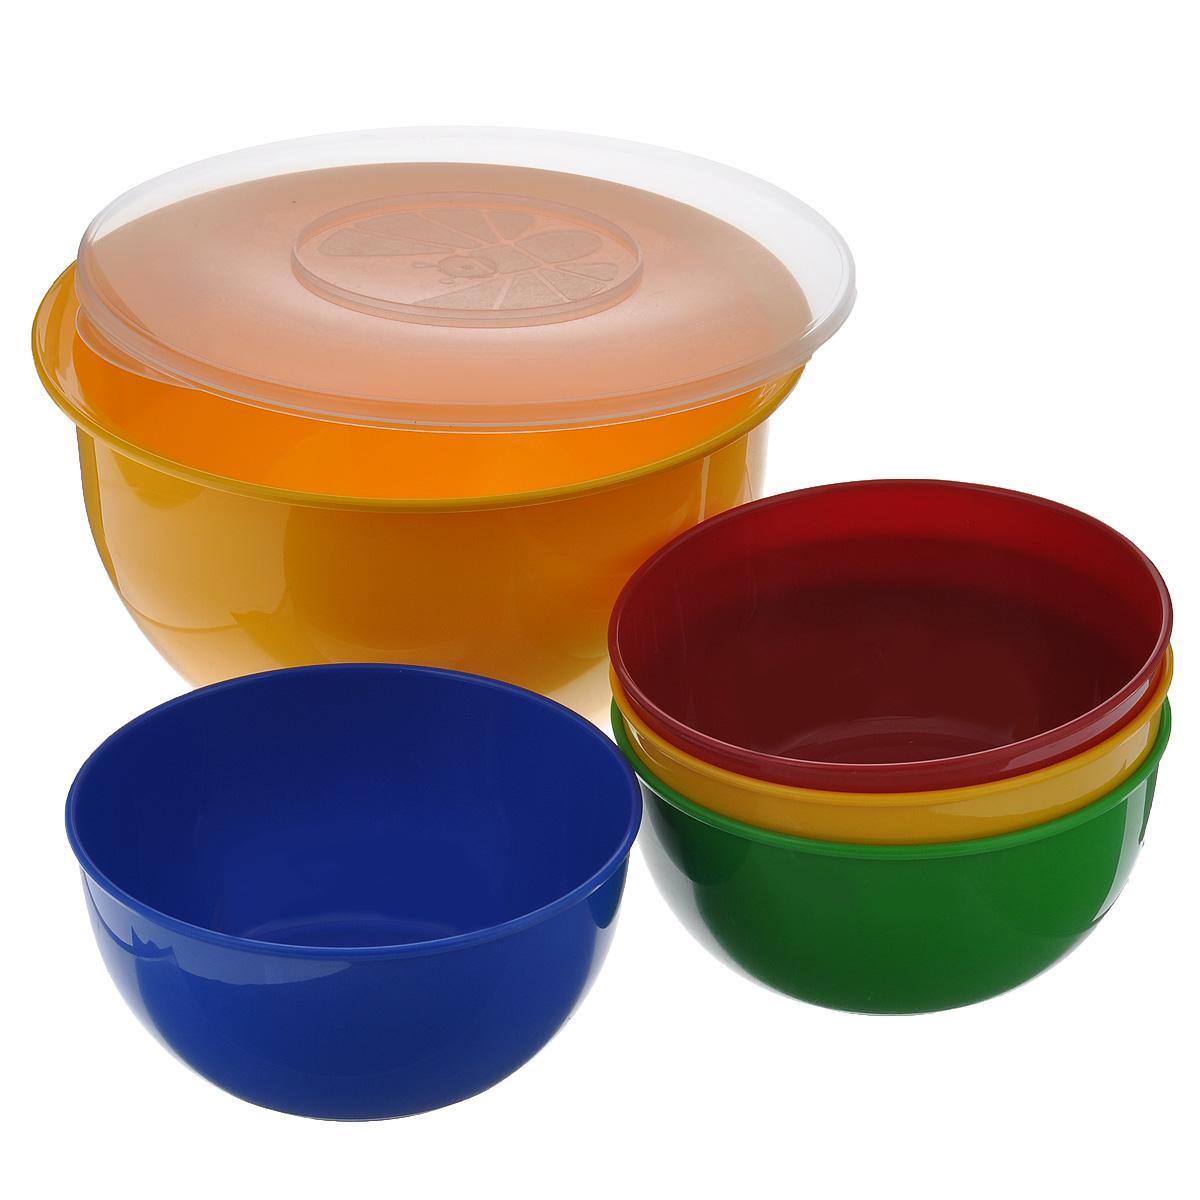 Набор посуды Solaris, 5 предметов